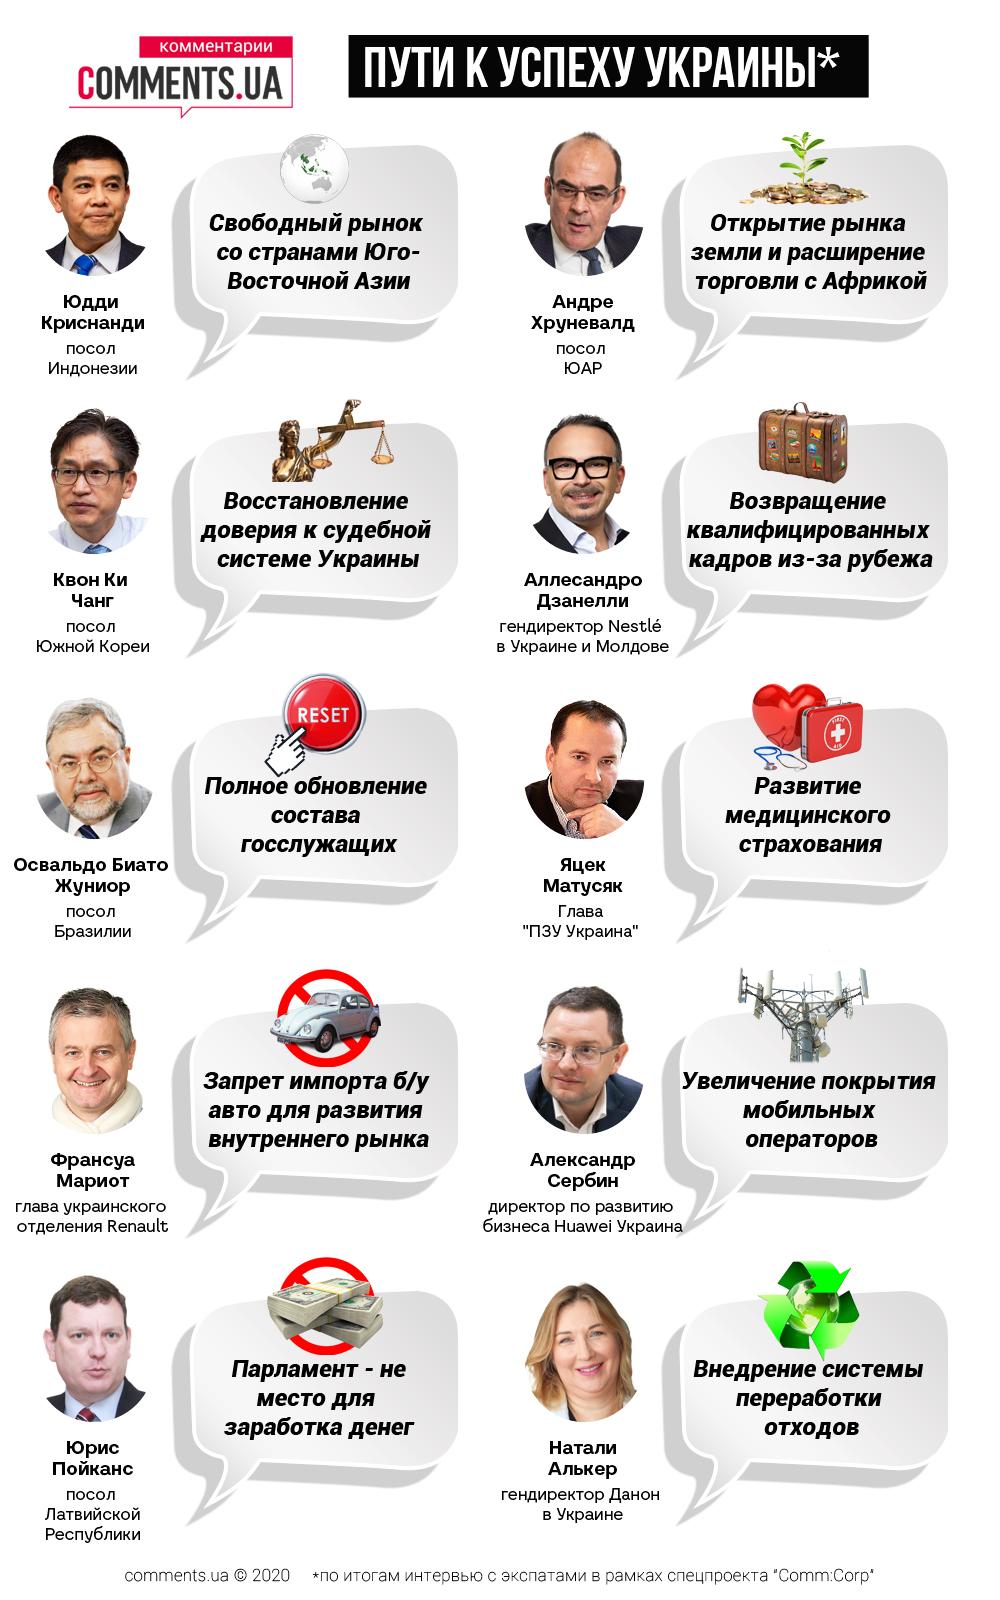 Дорожня карта для України: закордонні експати і дипломати дали рецепт правильного бізнесу-клімату в країні - фото 2